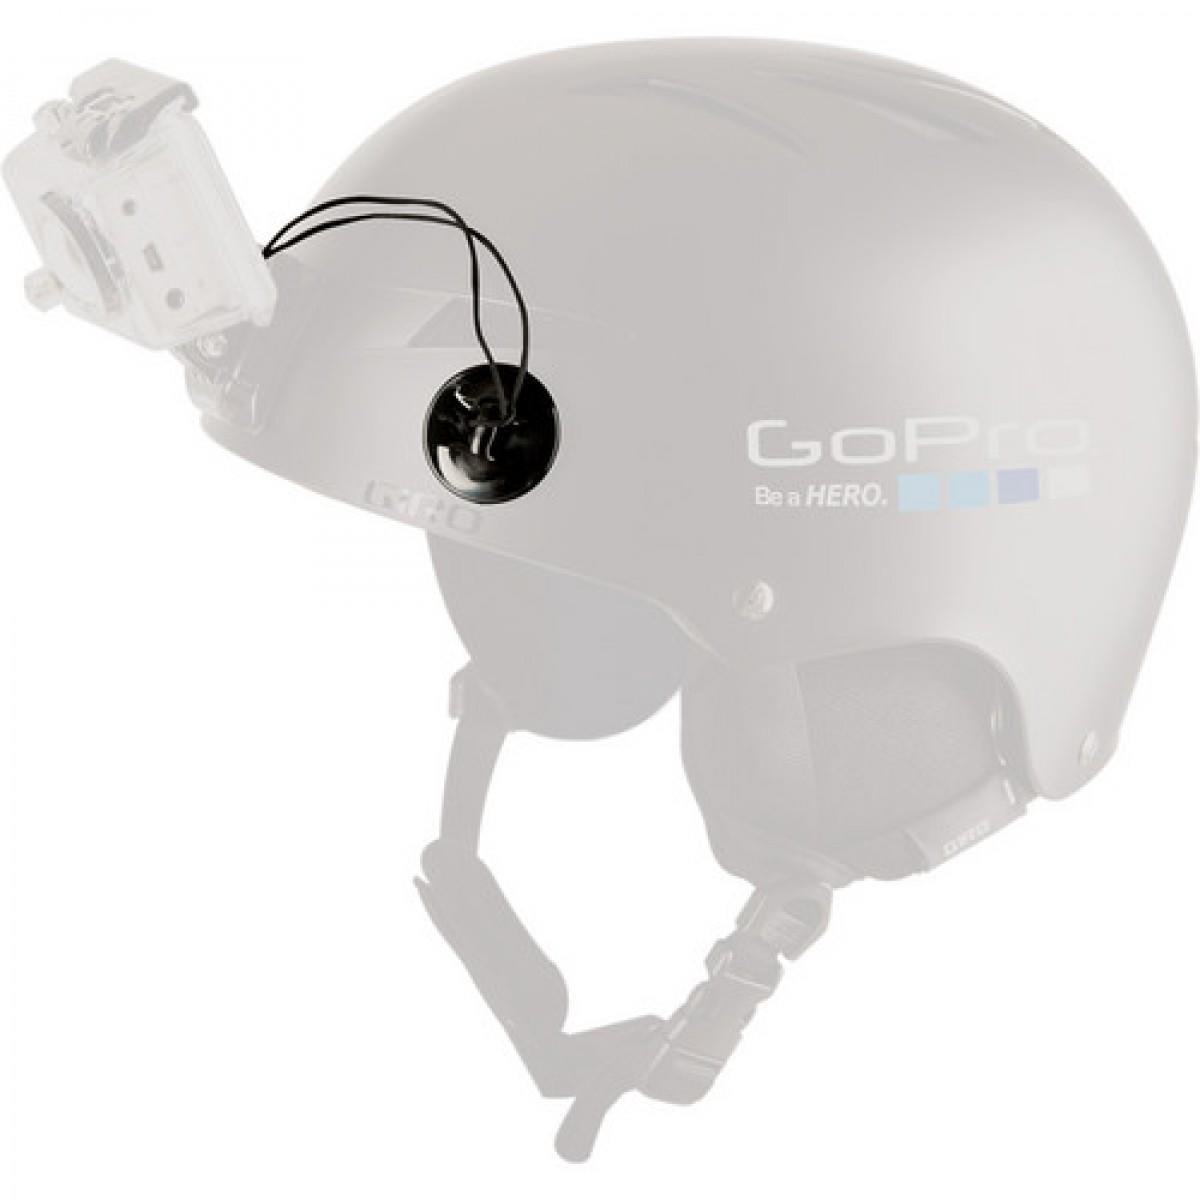 Alça de Segurança e Suporte de Fixação para Câmera GoPro (ATBKT-005)